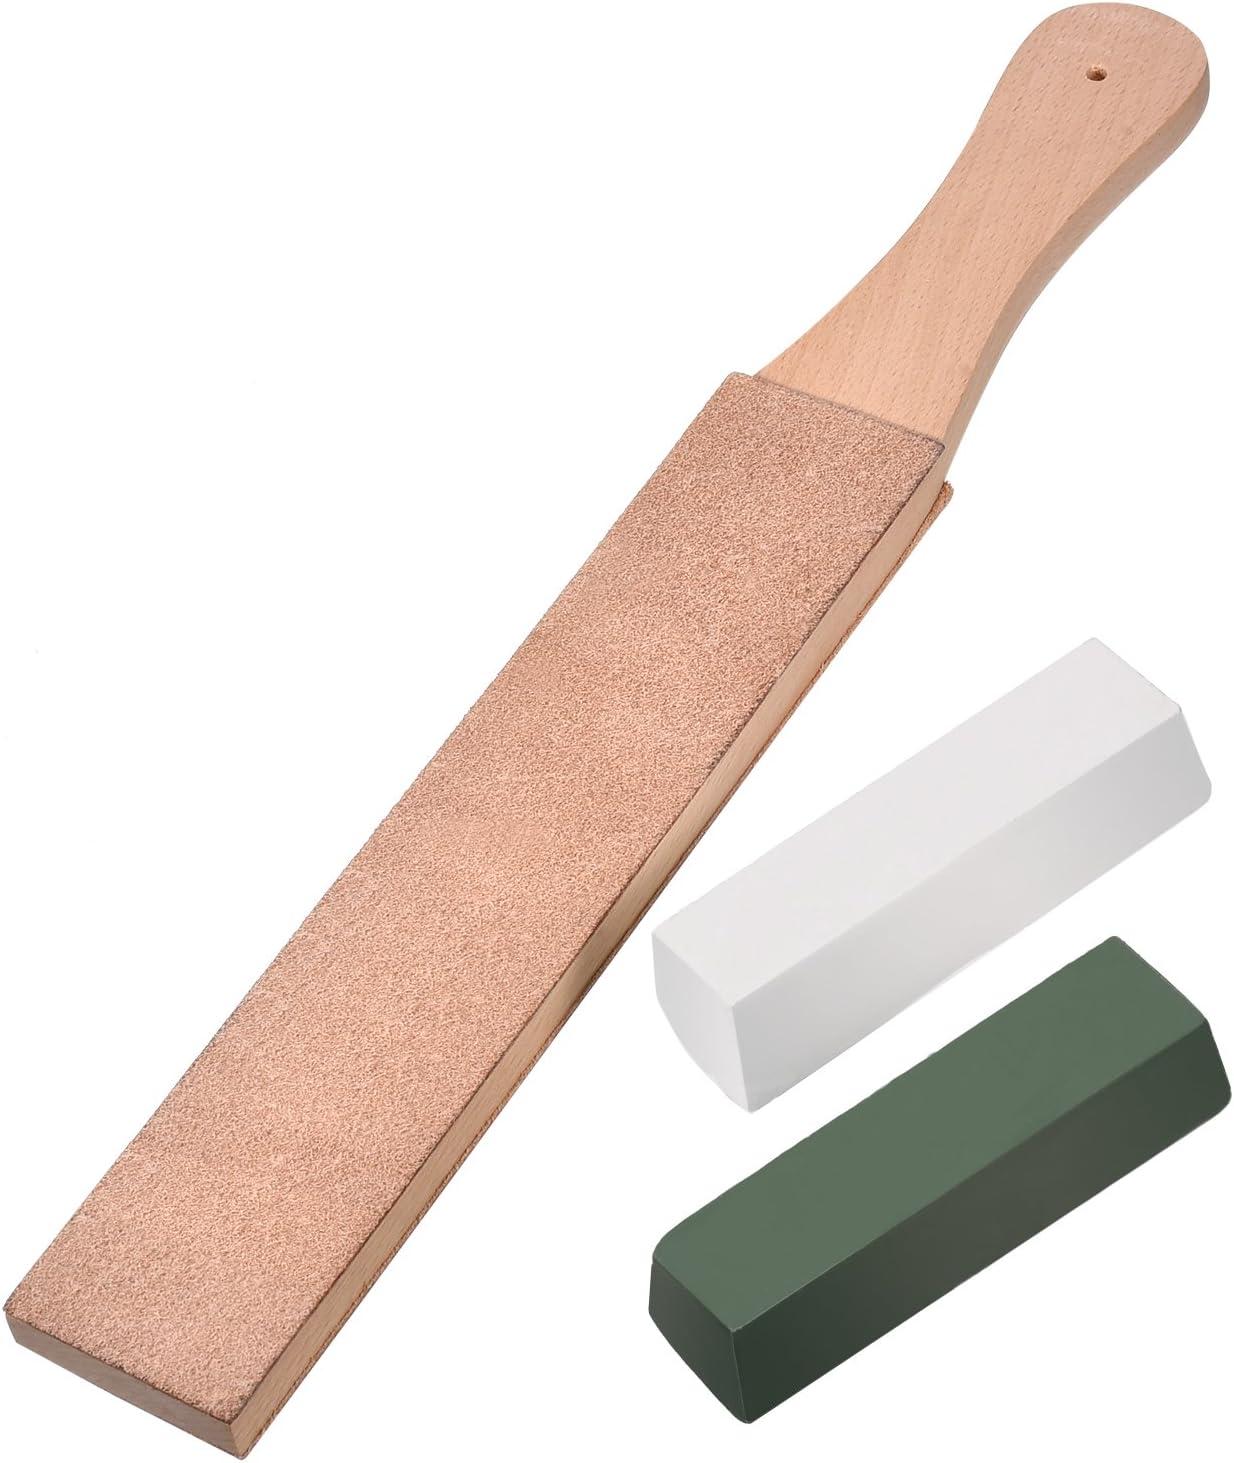 Kit de 3 Piezas de Asentador de Cuero, Suavizador de Cuero de Doble Cara Tira de Afilador con Cera de Pulido Pasta de Pulir Verde (Grande Tamaño)